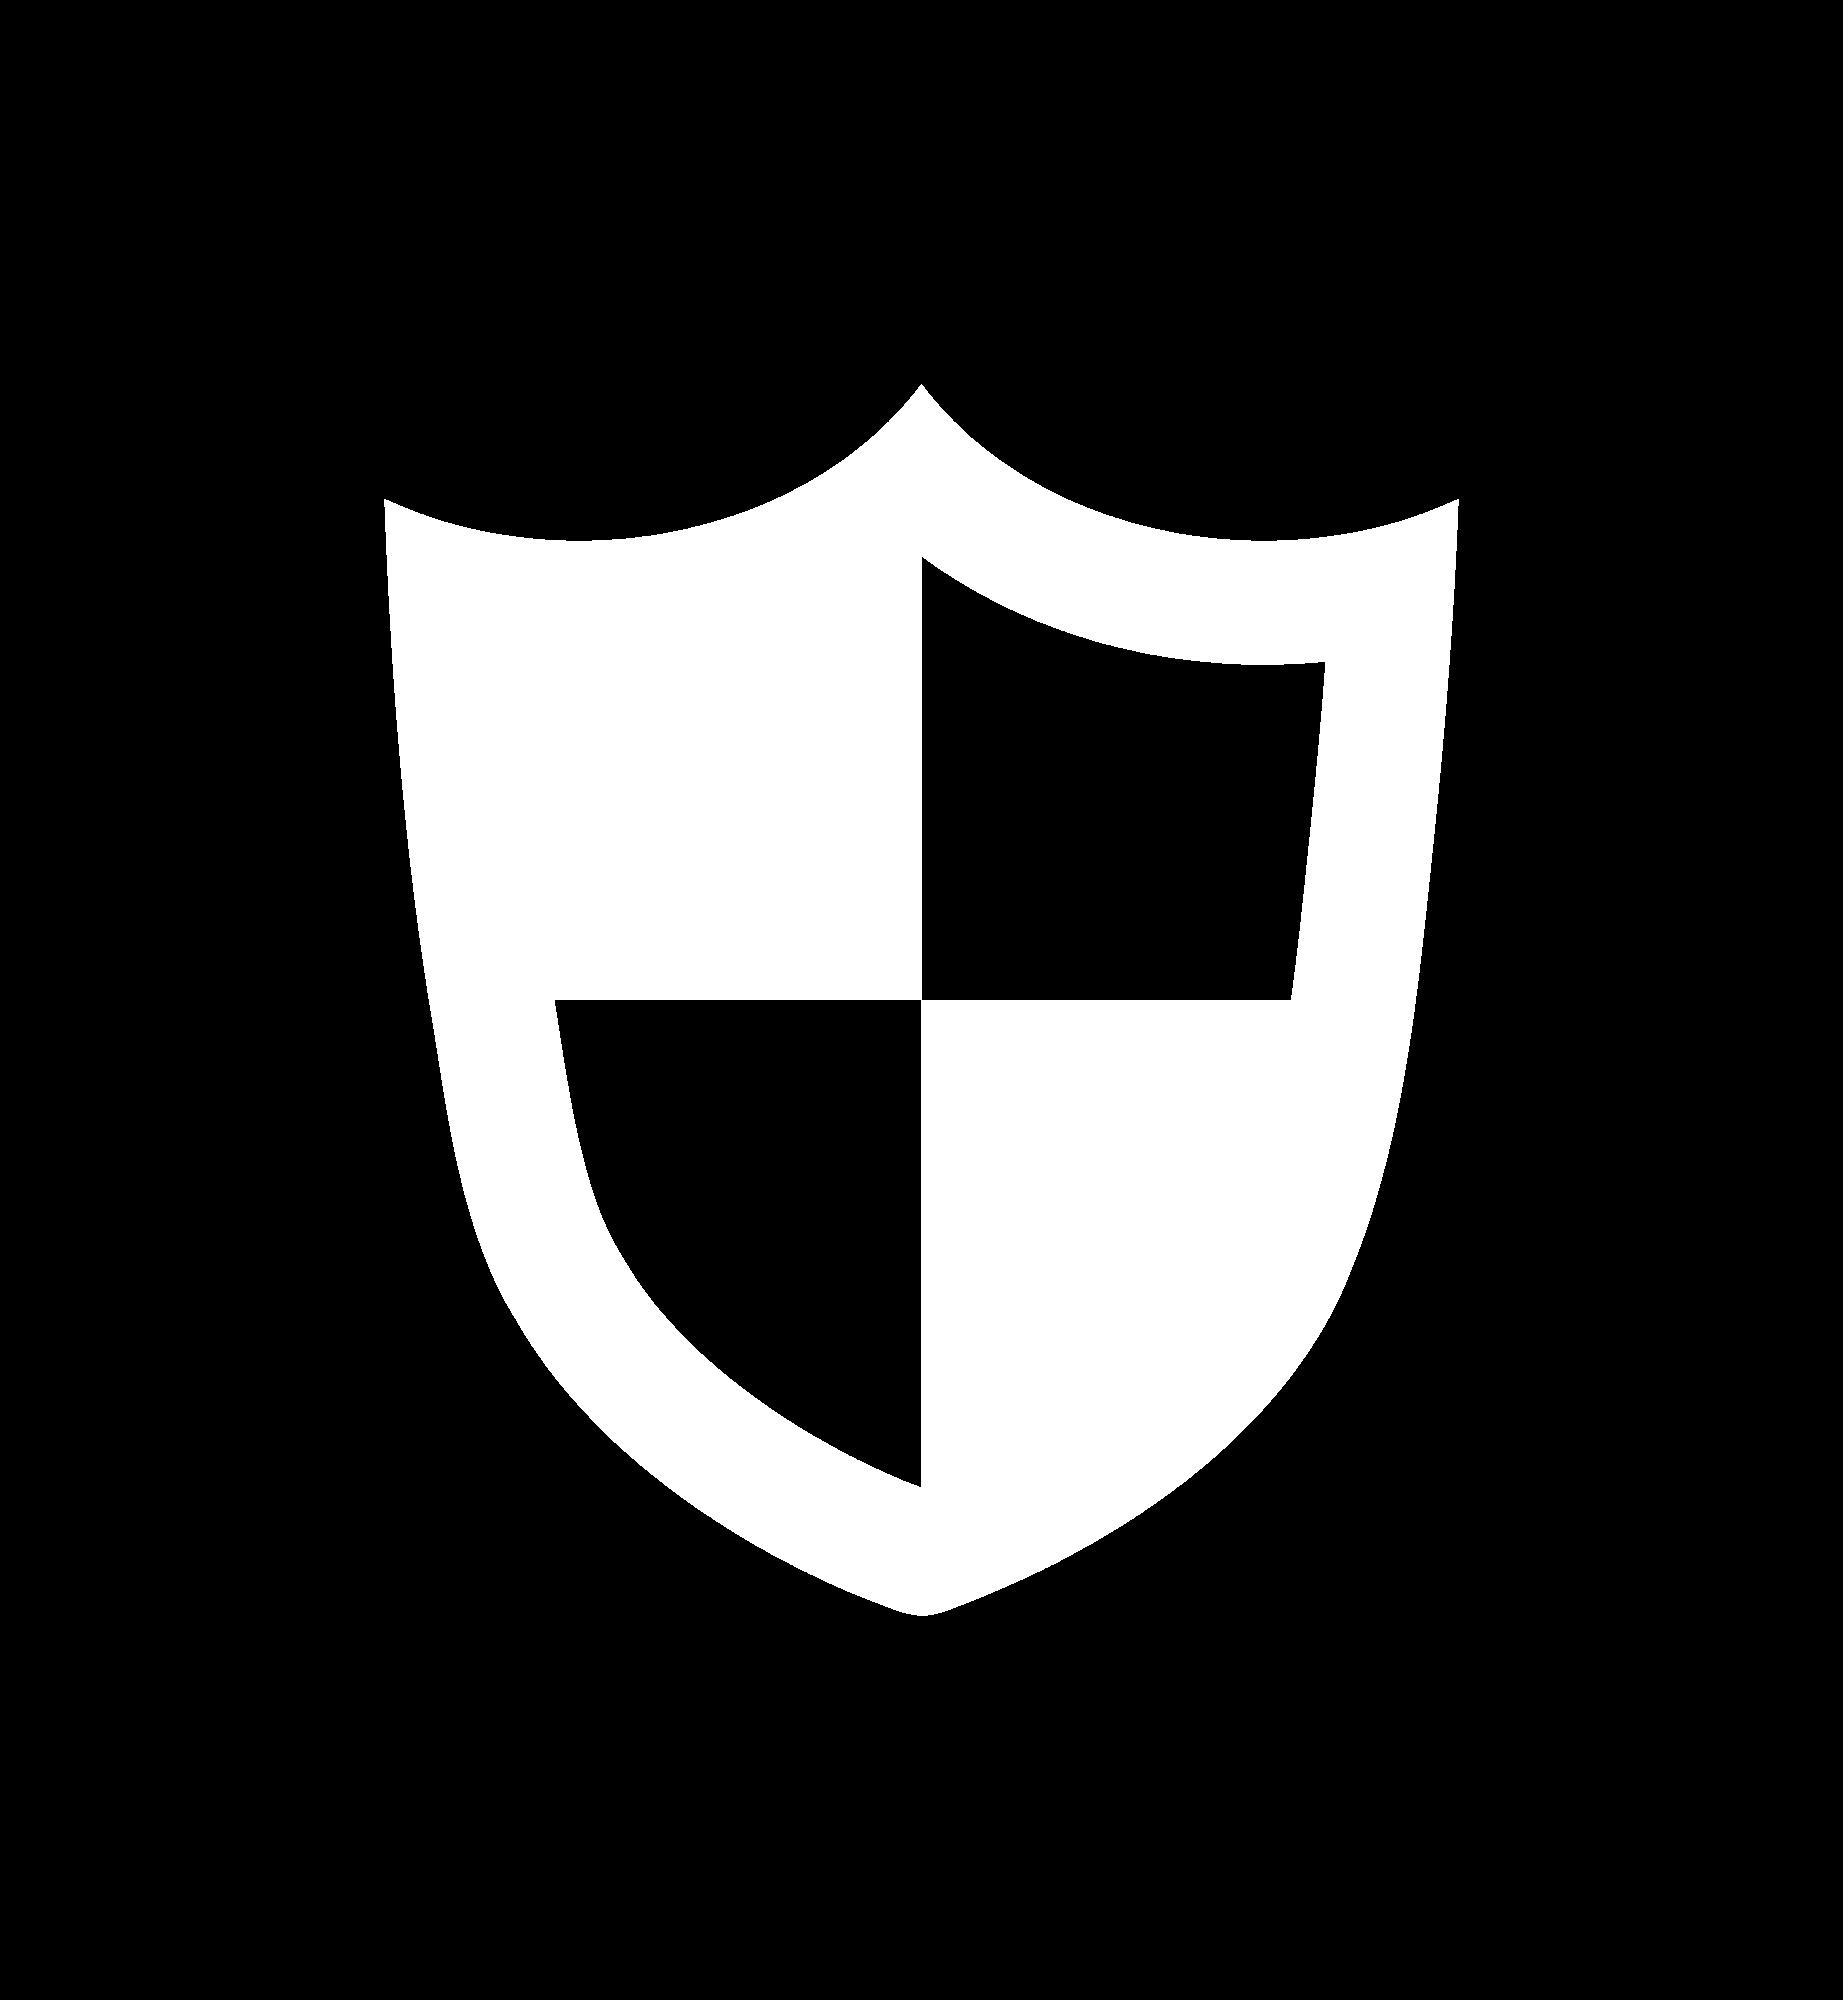 logo-white (1) copy.png